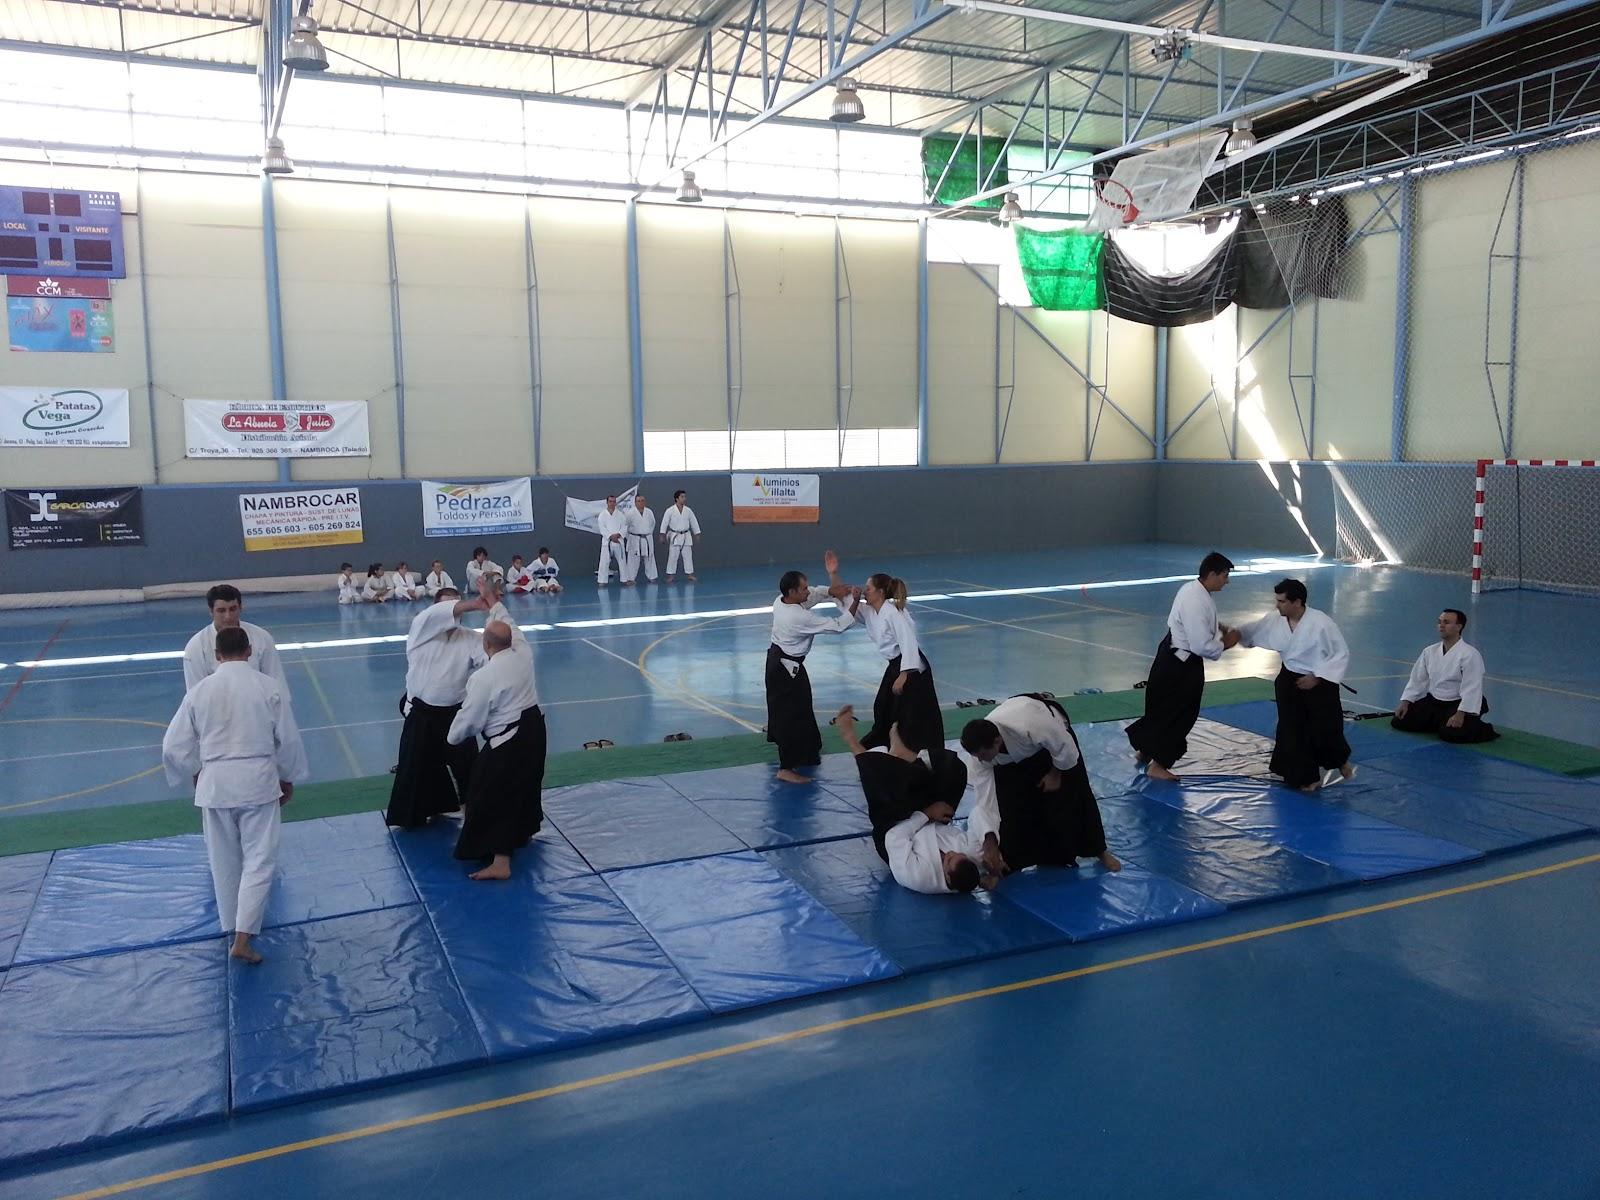 Aikido gimnasio atemi contin a con la difusi n del aikido for Gimnasio toledo